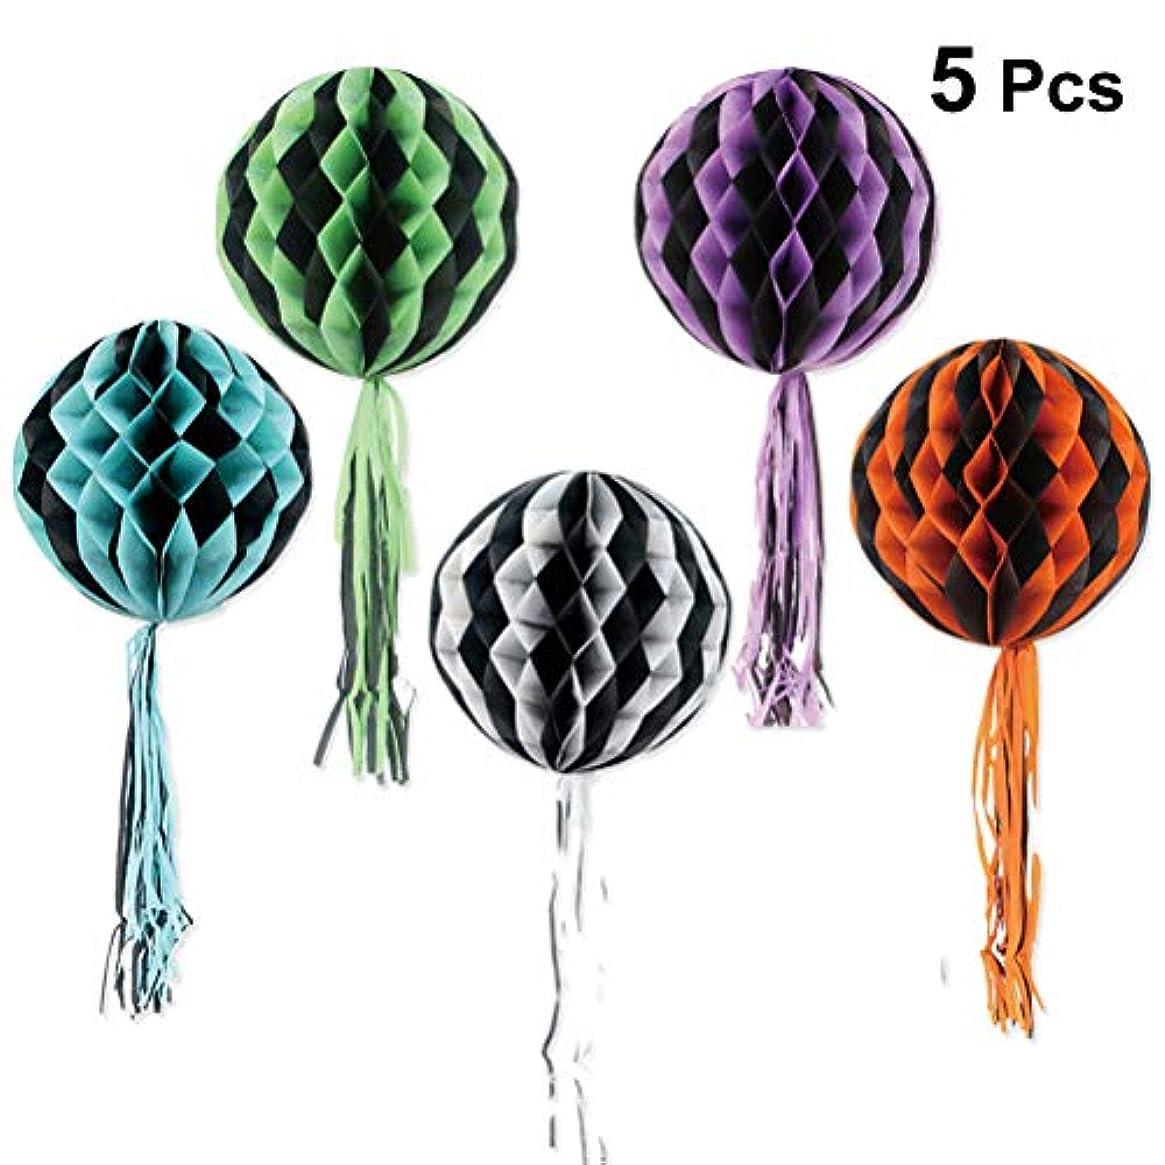 良性幻想的キモいBESTOYARD ハロウィン ハニカムボール タッセル ペーパーの提灯 ティッシュ ペーパーハニカムボール ハロウィンパーティーの装飾 5本